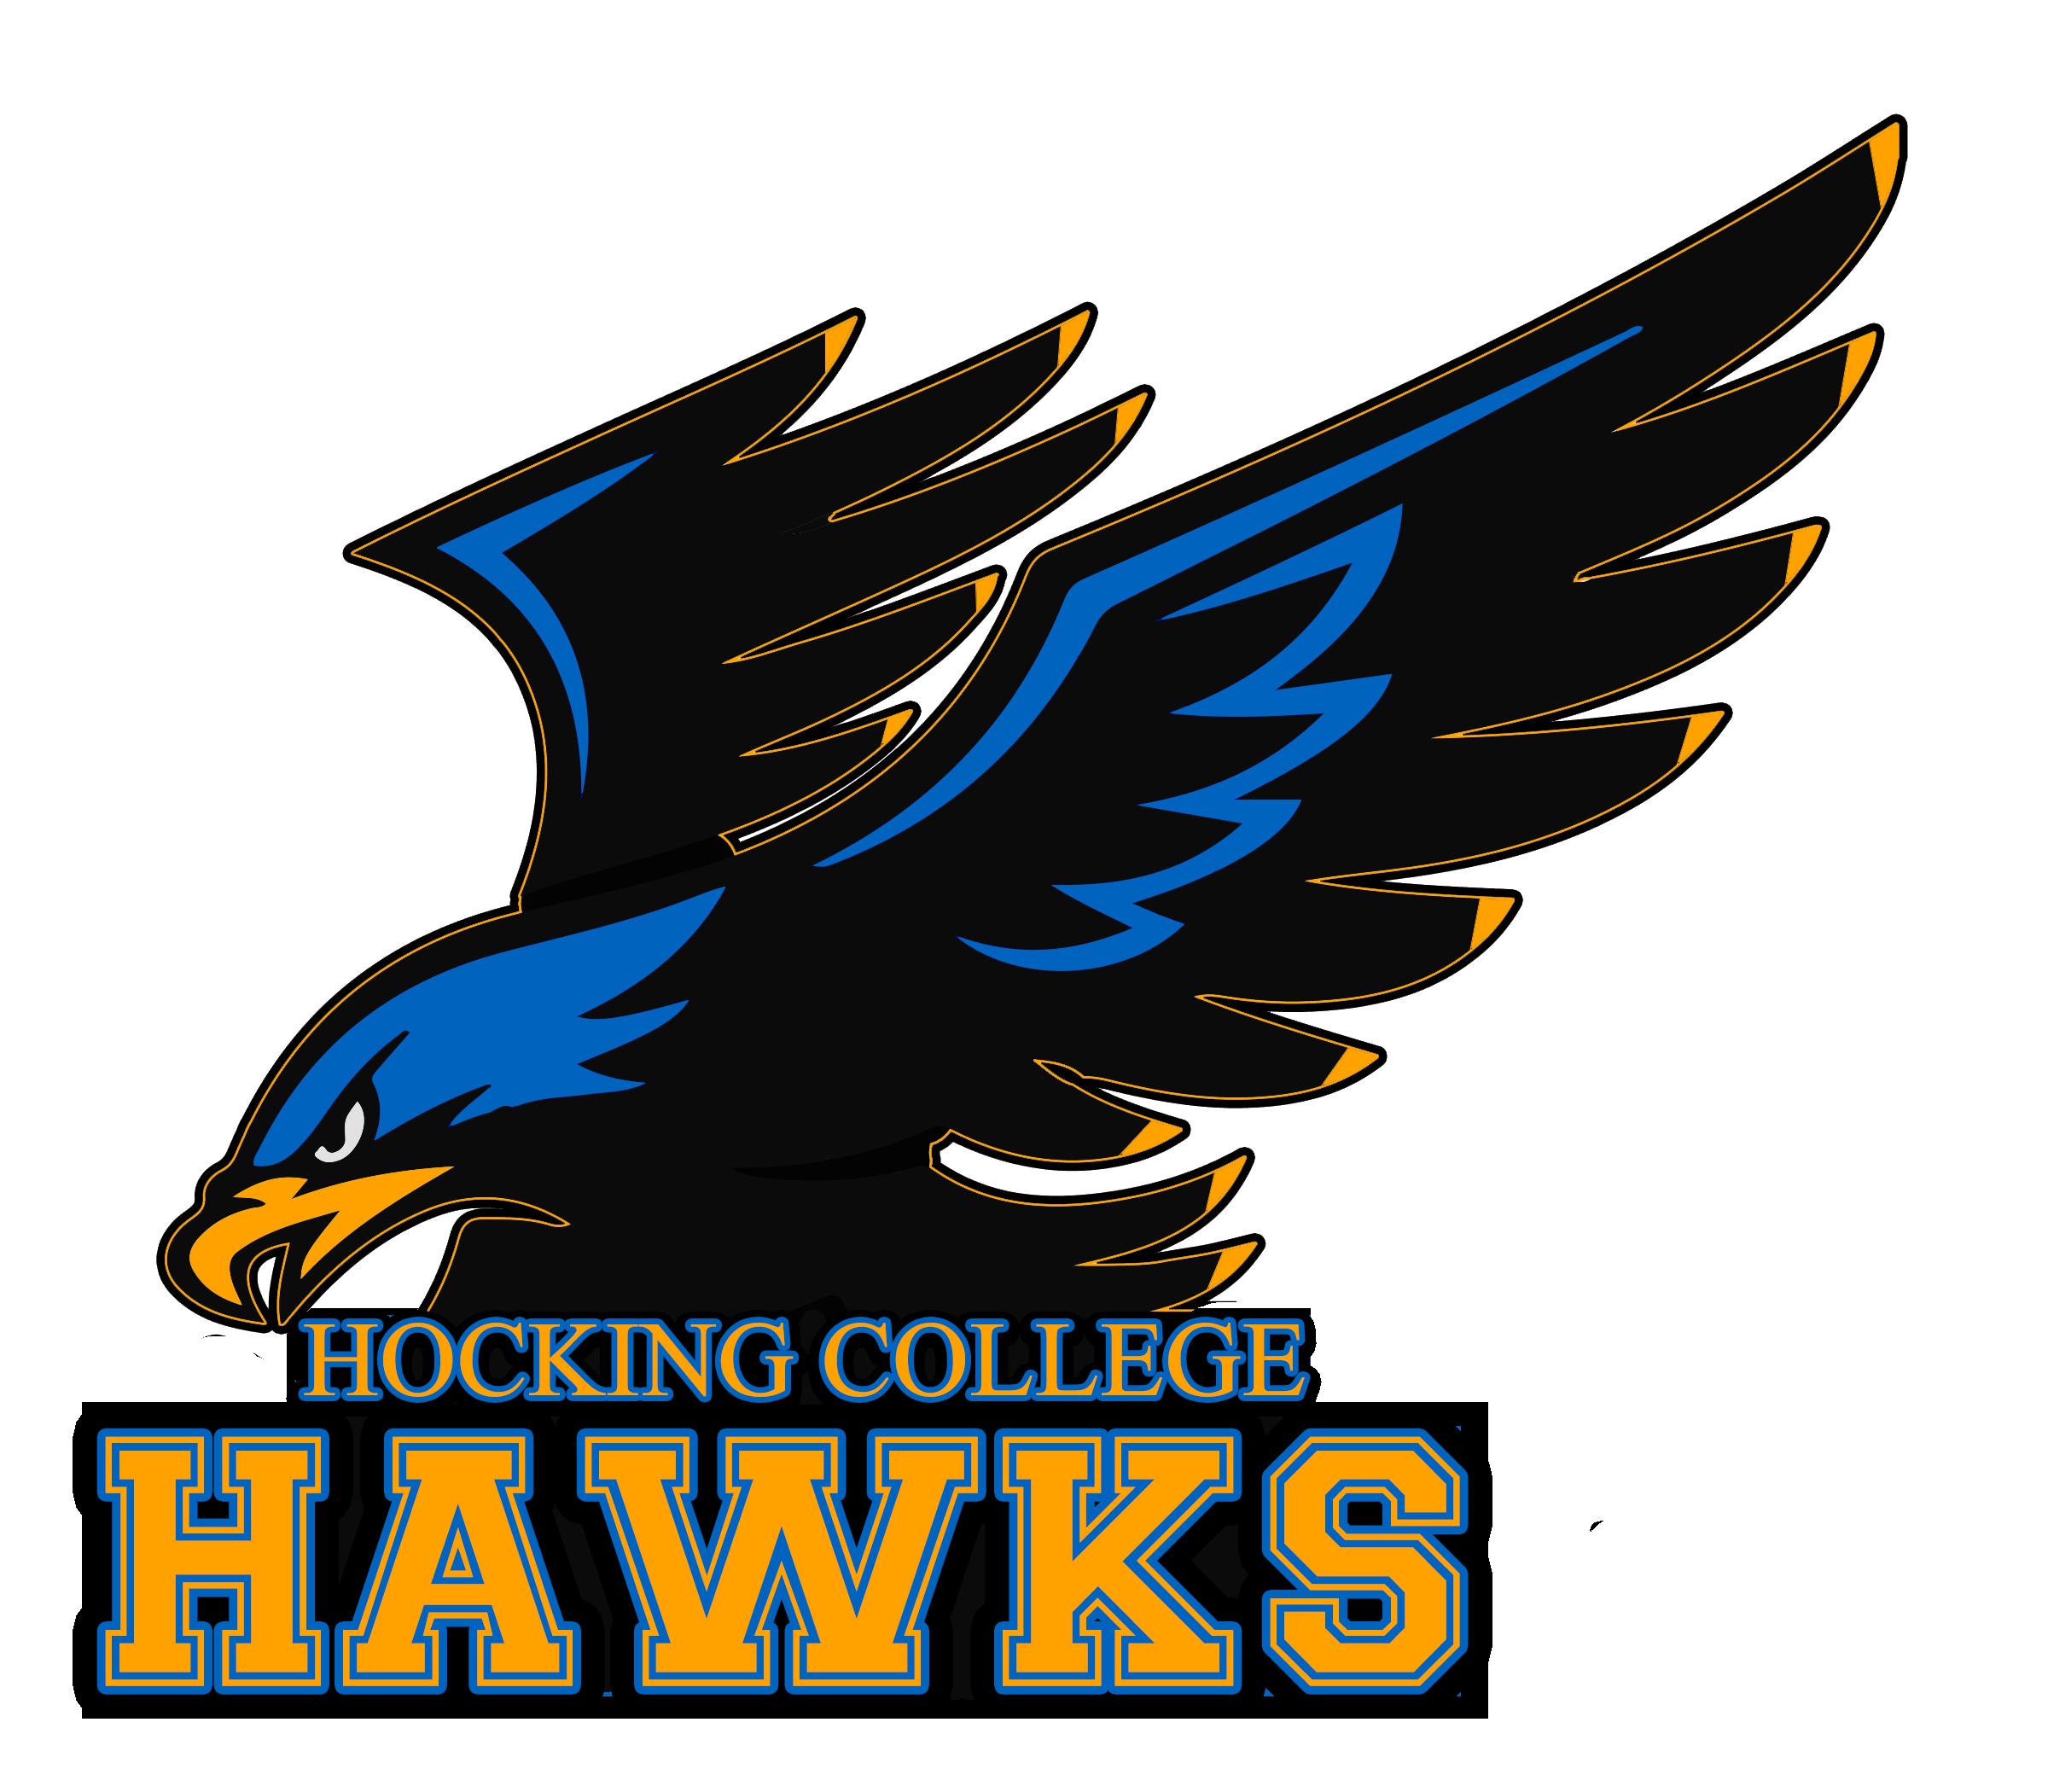 HawkLogo vector